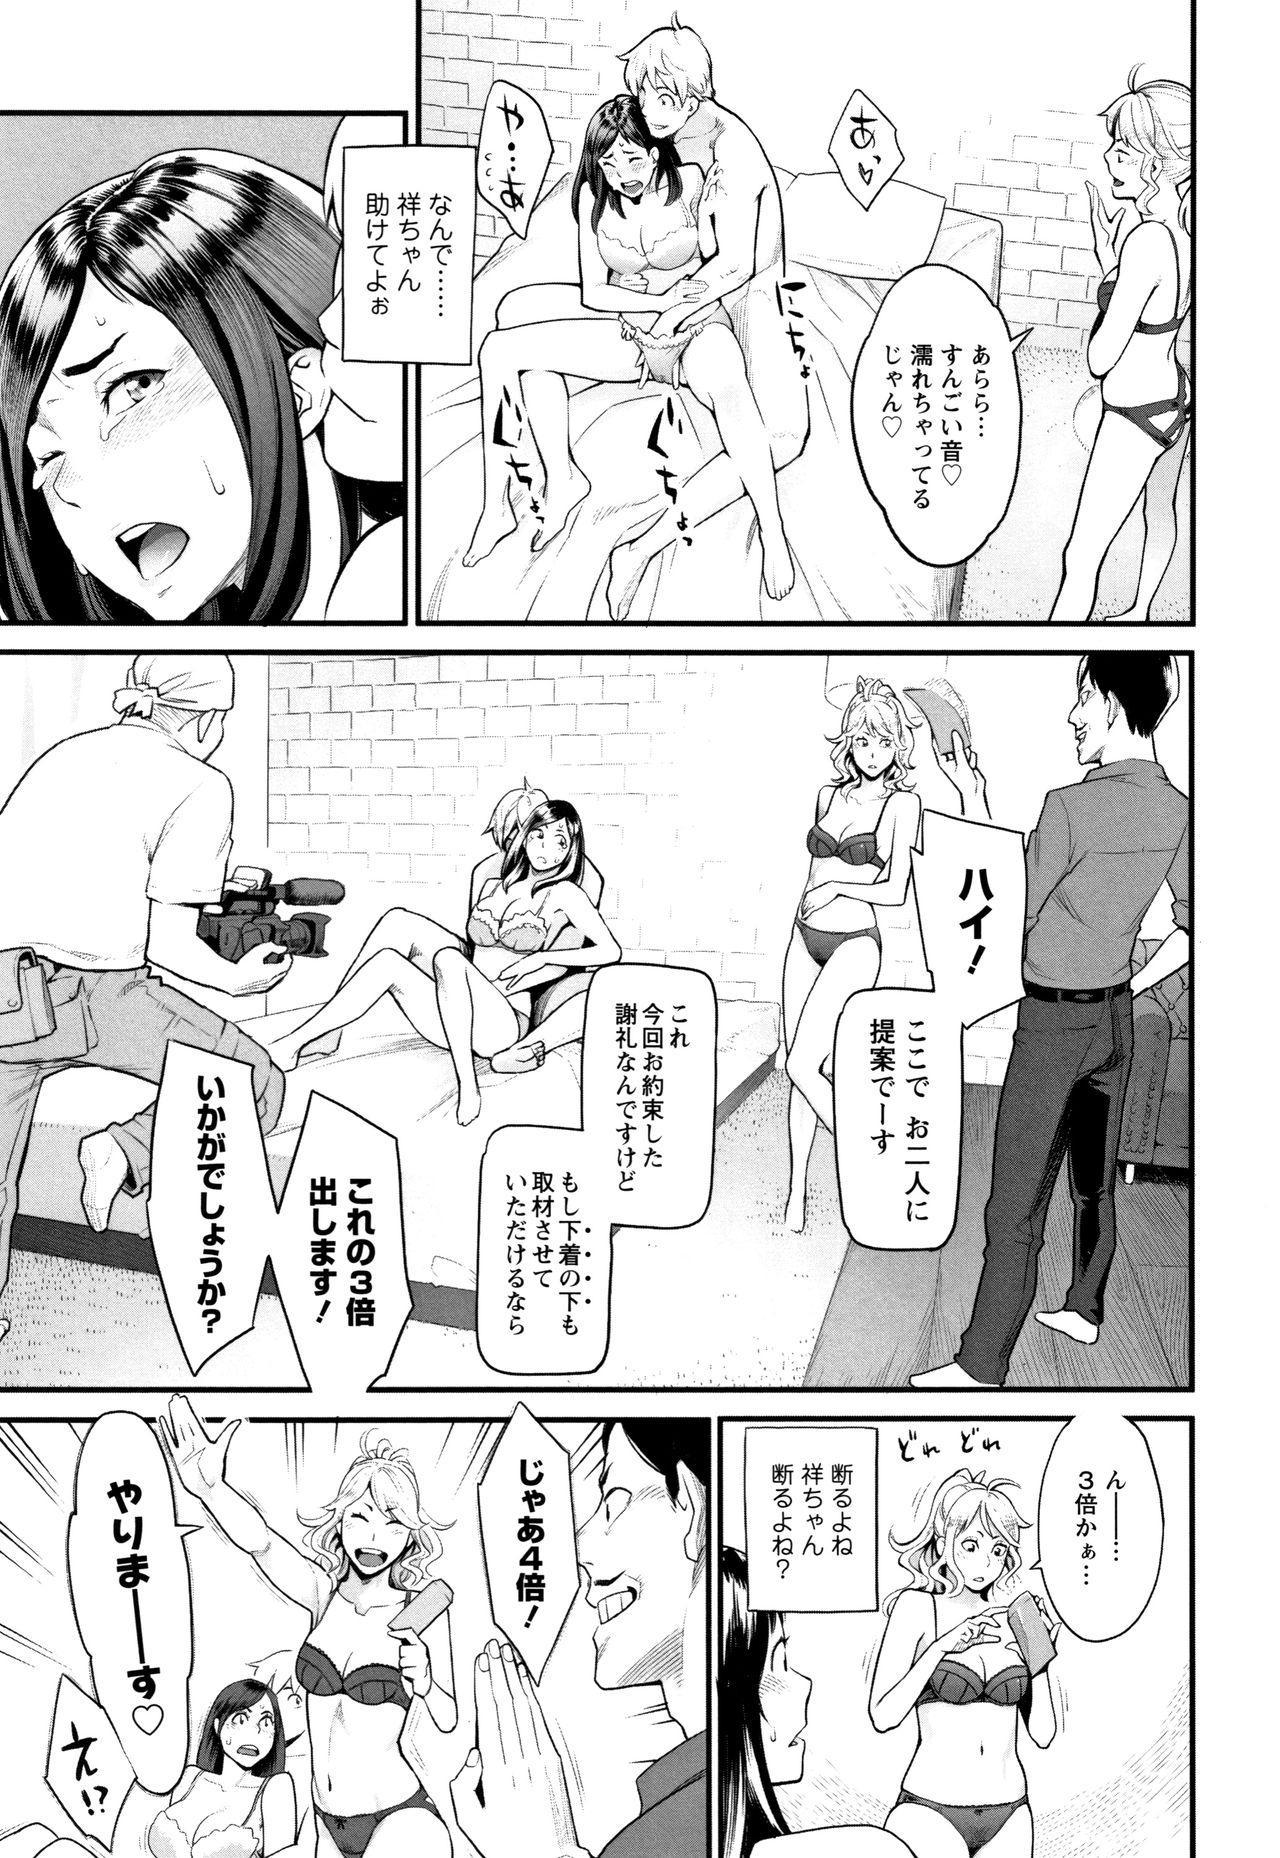 Toketa Risei wa Biyaku no Kaori 29